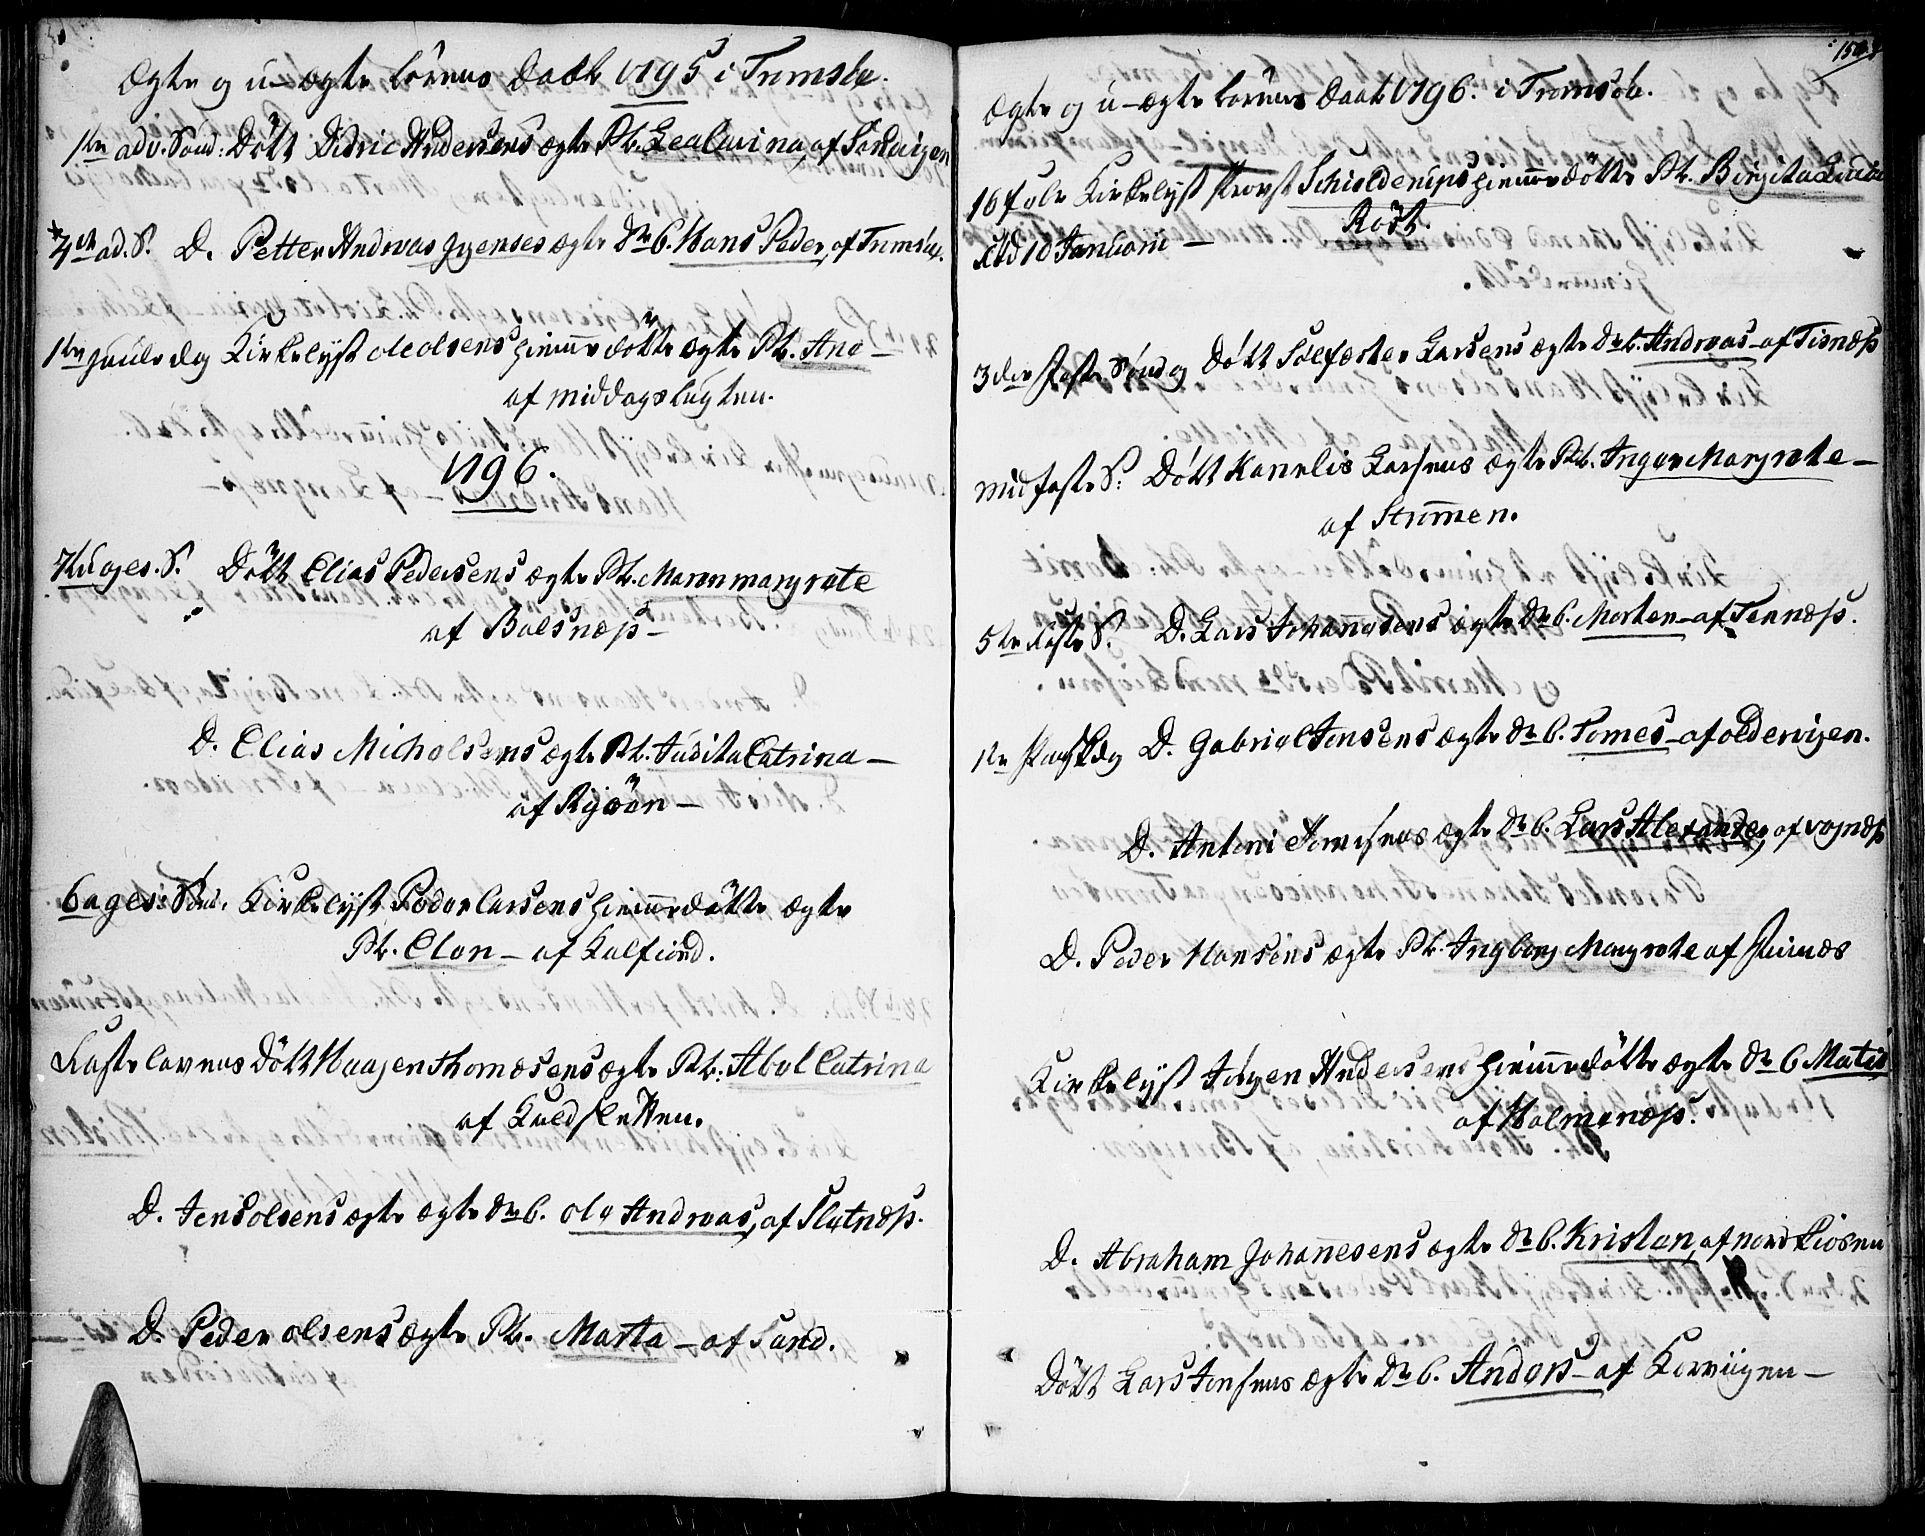 SATØ, Tromsø sokneprestkontor/stiftsprosti/domprosti, G/Ga/L0003kirke: Ministerialbok nr. 3, 1779-1796, s. 150